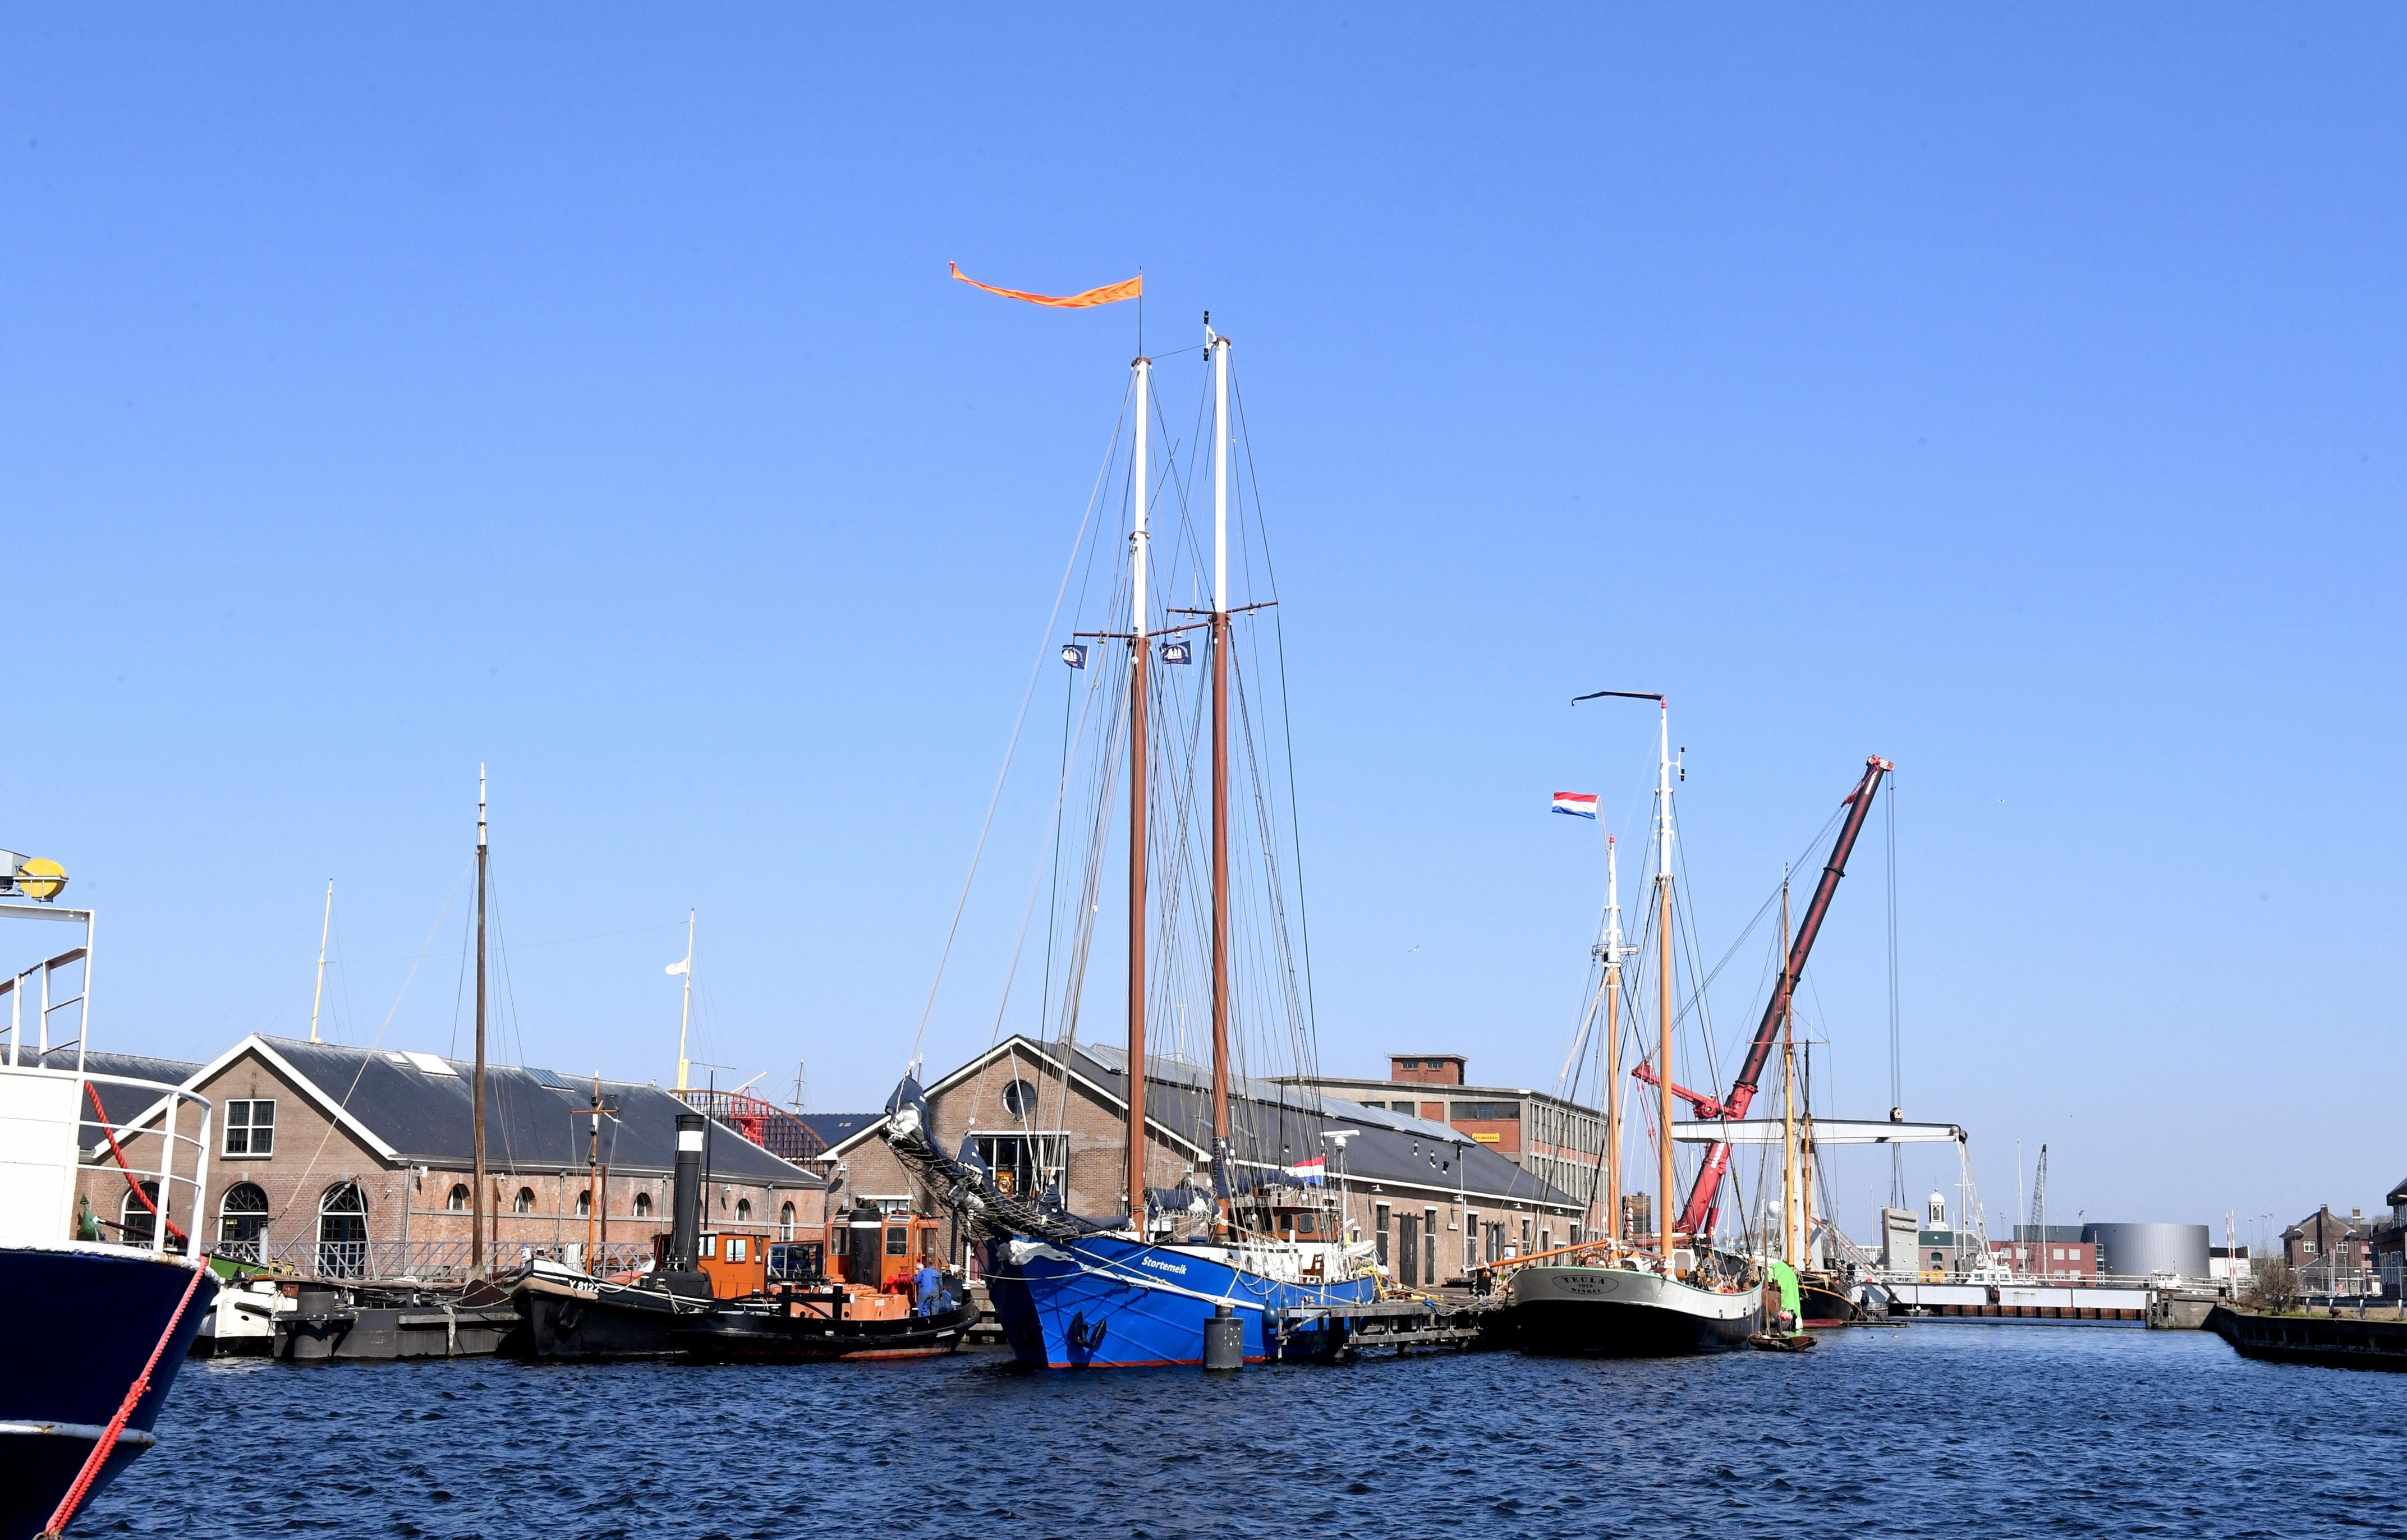 Subsidie aan Stichting Museumhaven is prima, vindt de VVD. 'Maar wij verwachten een iets positievere houding ten opzichte van de gemeente en het stadhuisplan'